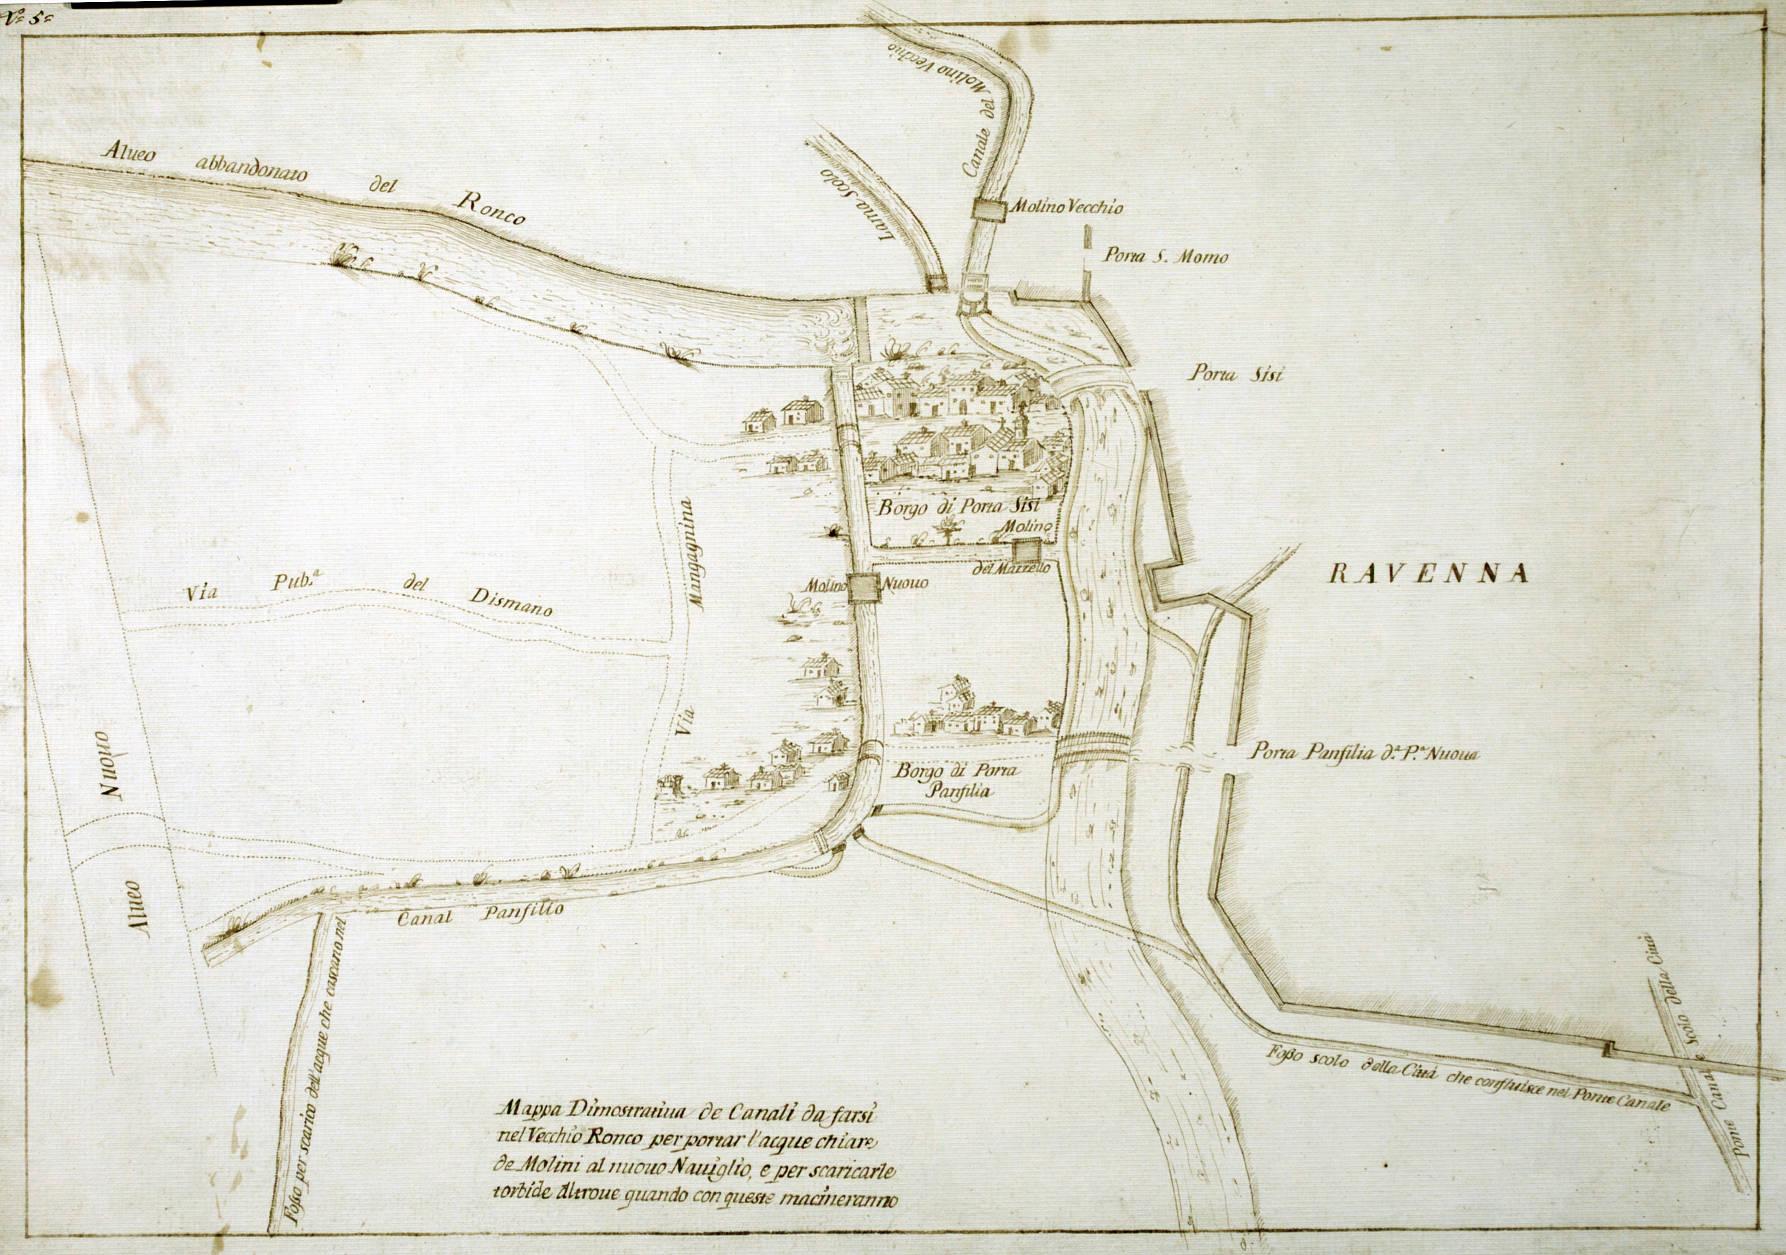 Mappa dimostrativa de' canali da farsi nel vecchio Ronco per portar l'acque chiare de' molini al nuovo naviglio e per scaricarle torbide altrove quando con queste macineranno data: XVIII secolo